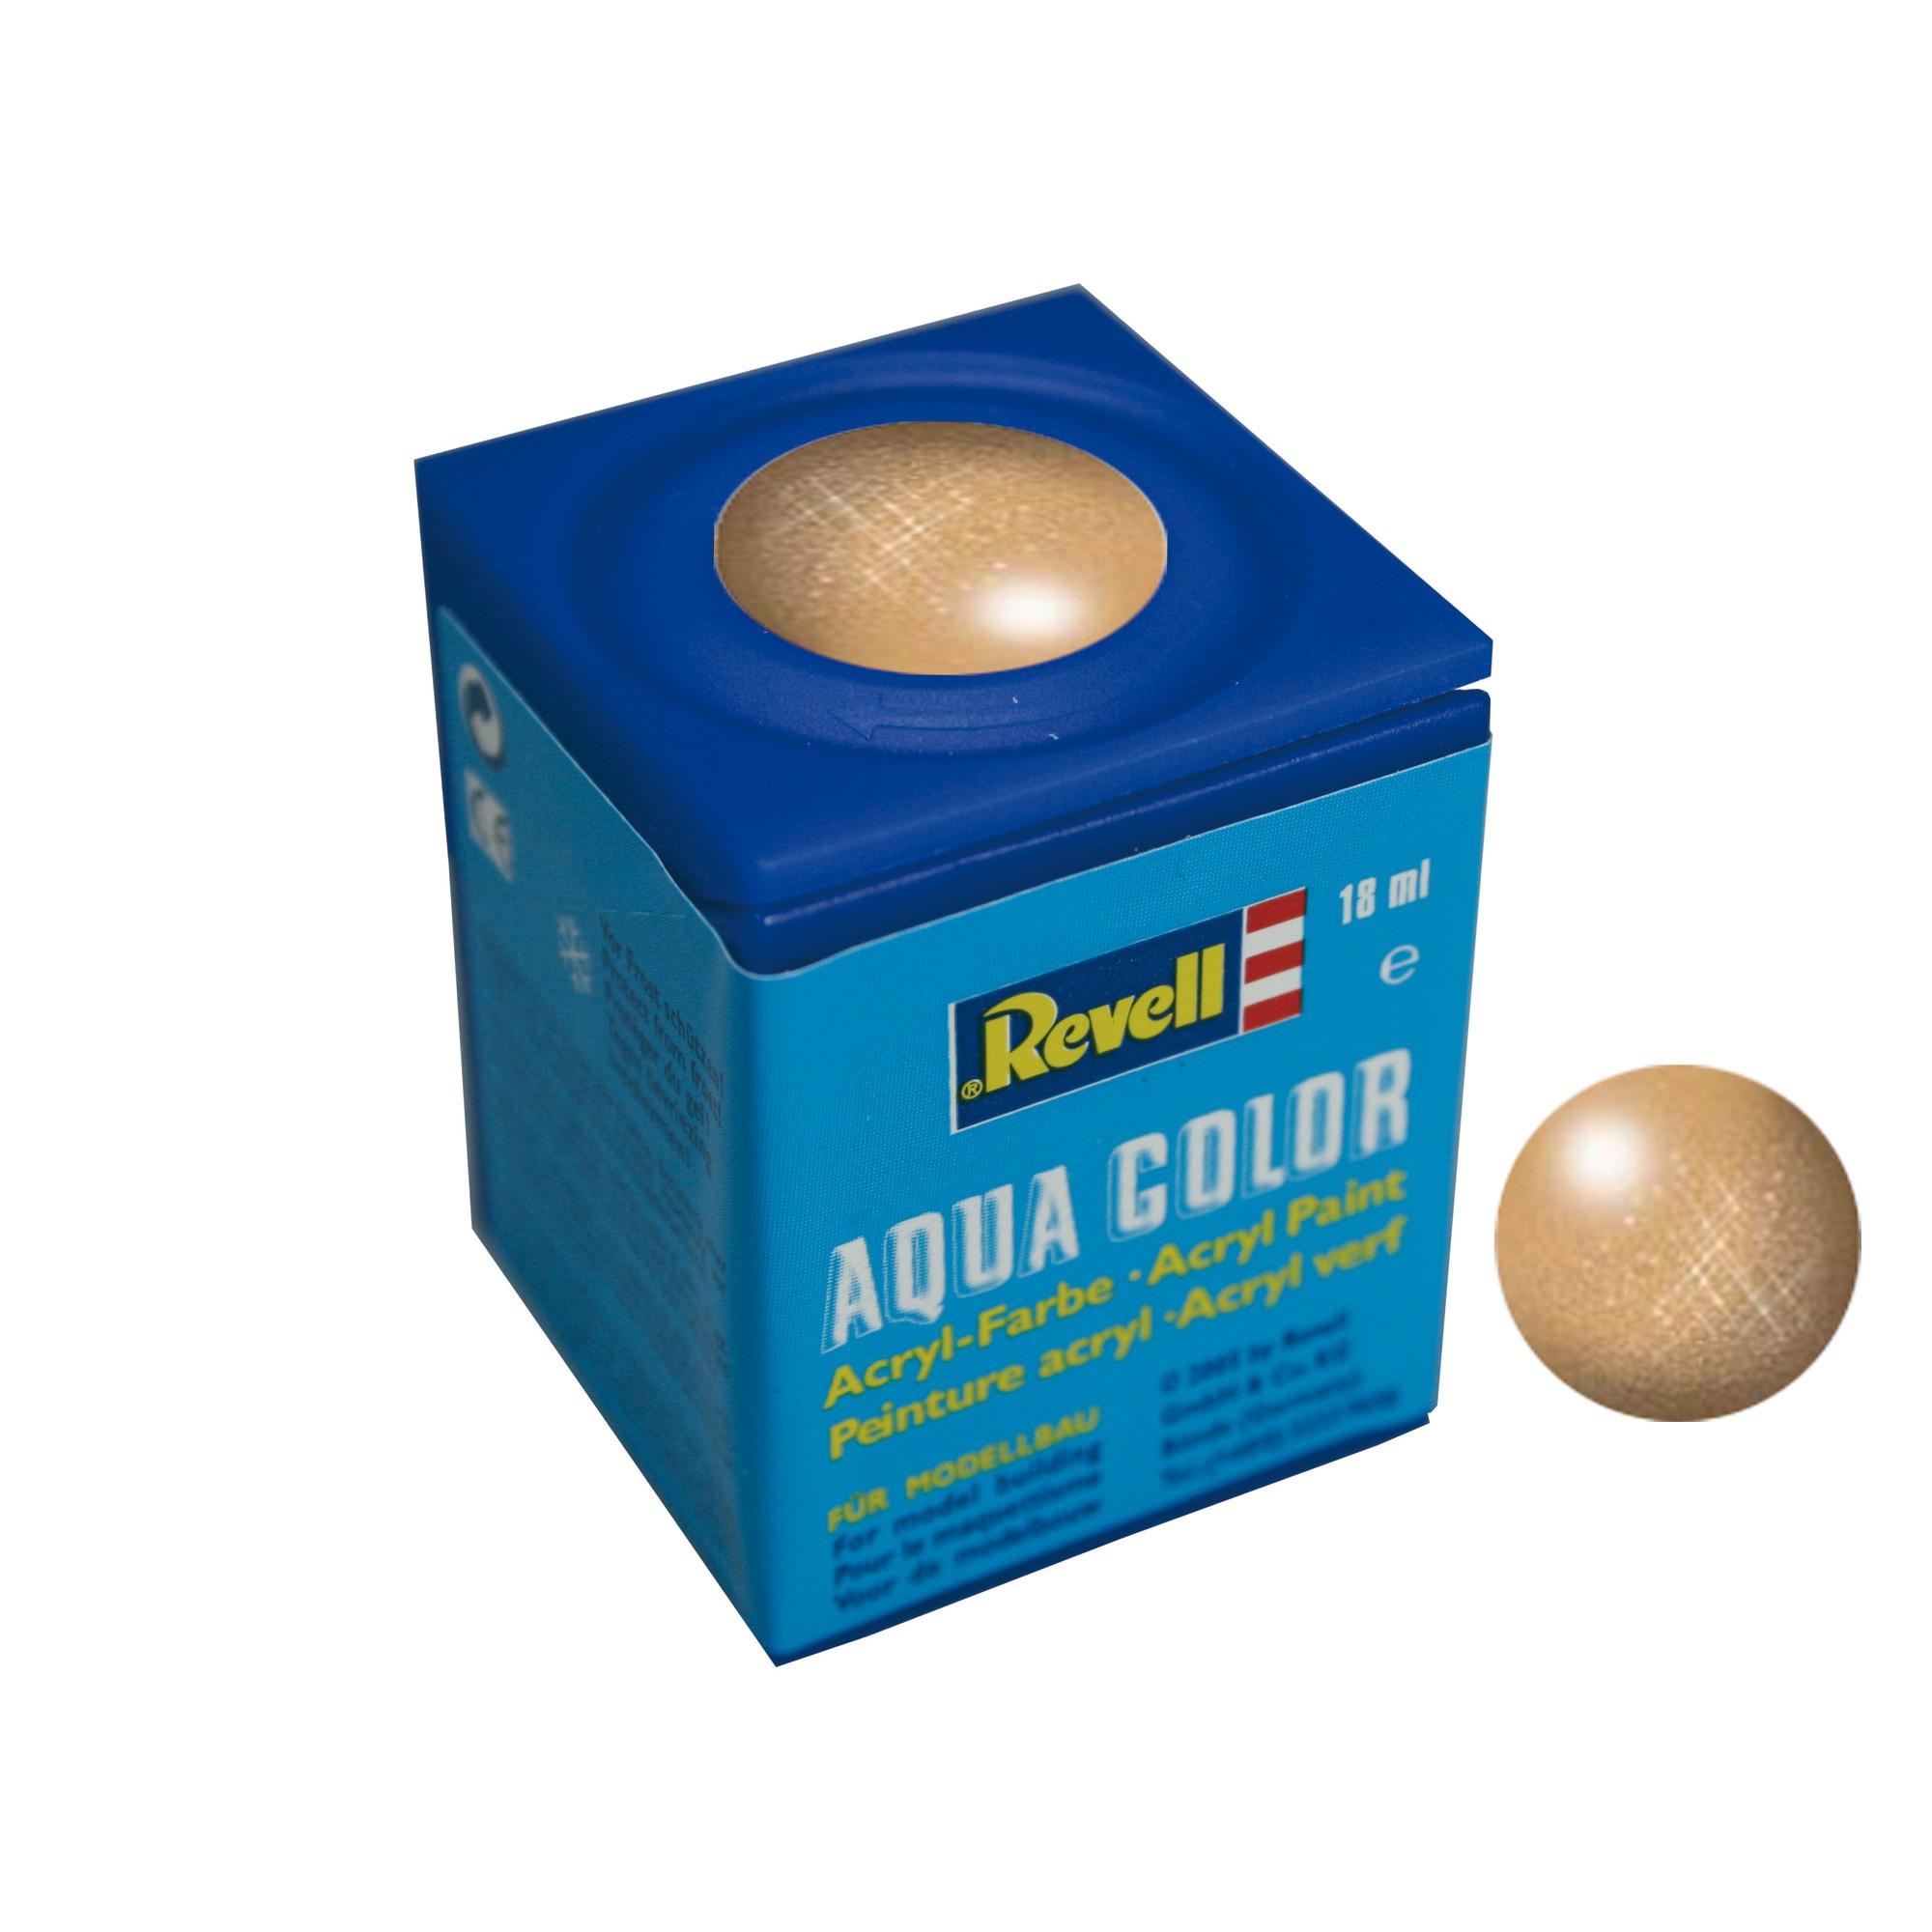 Revell Aqua Color metallic Gold